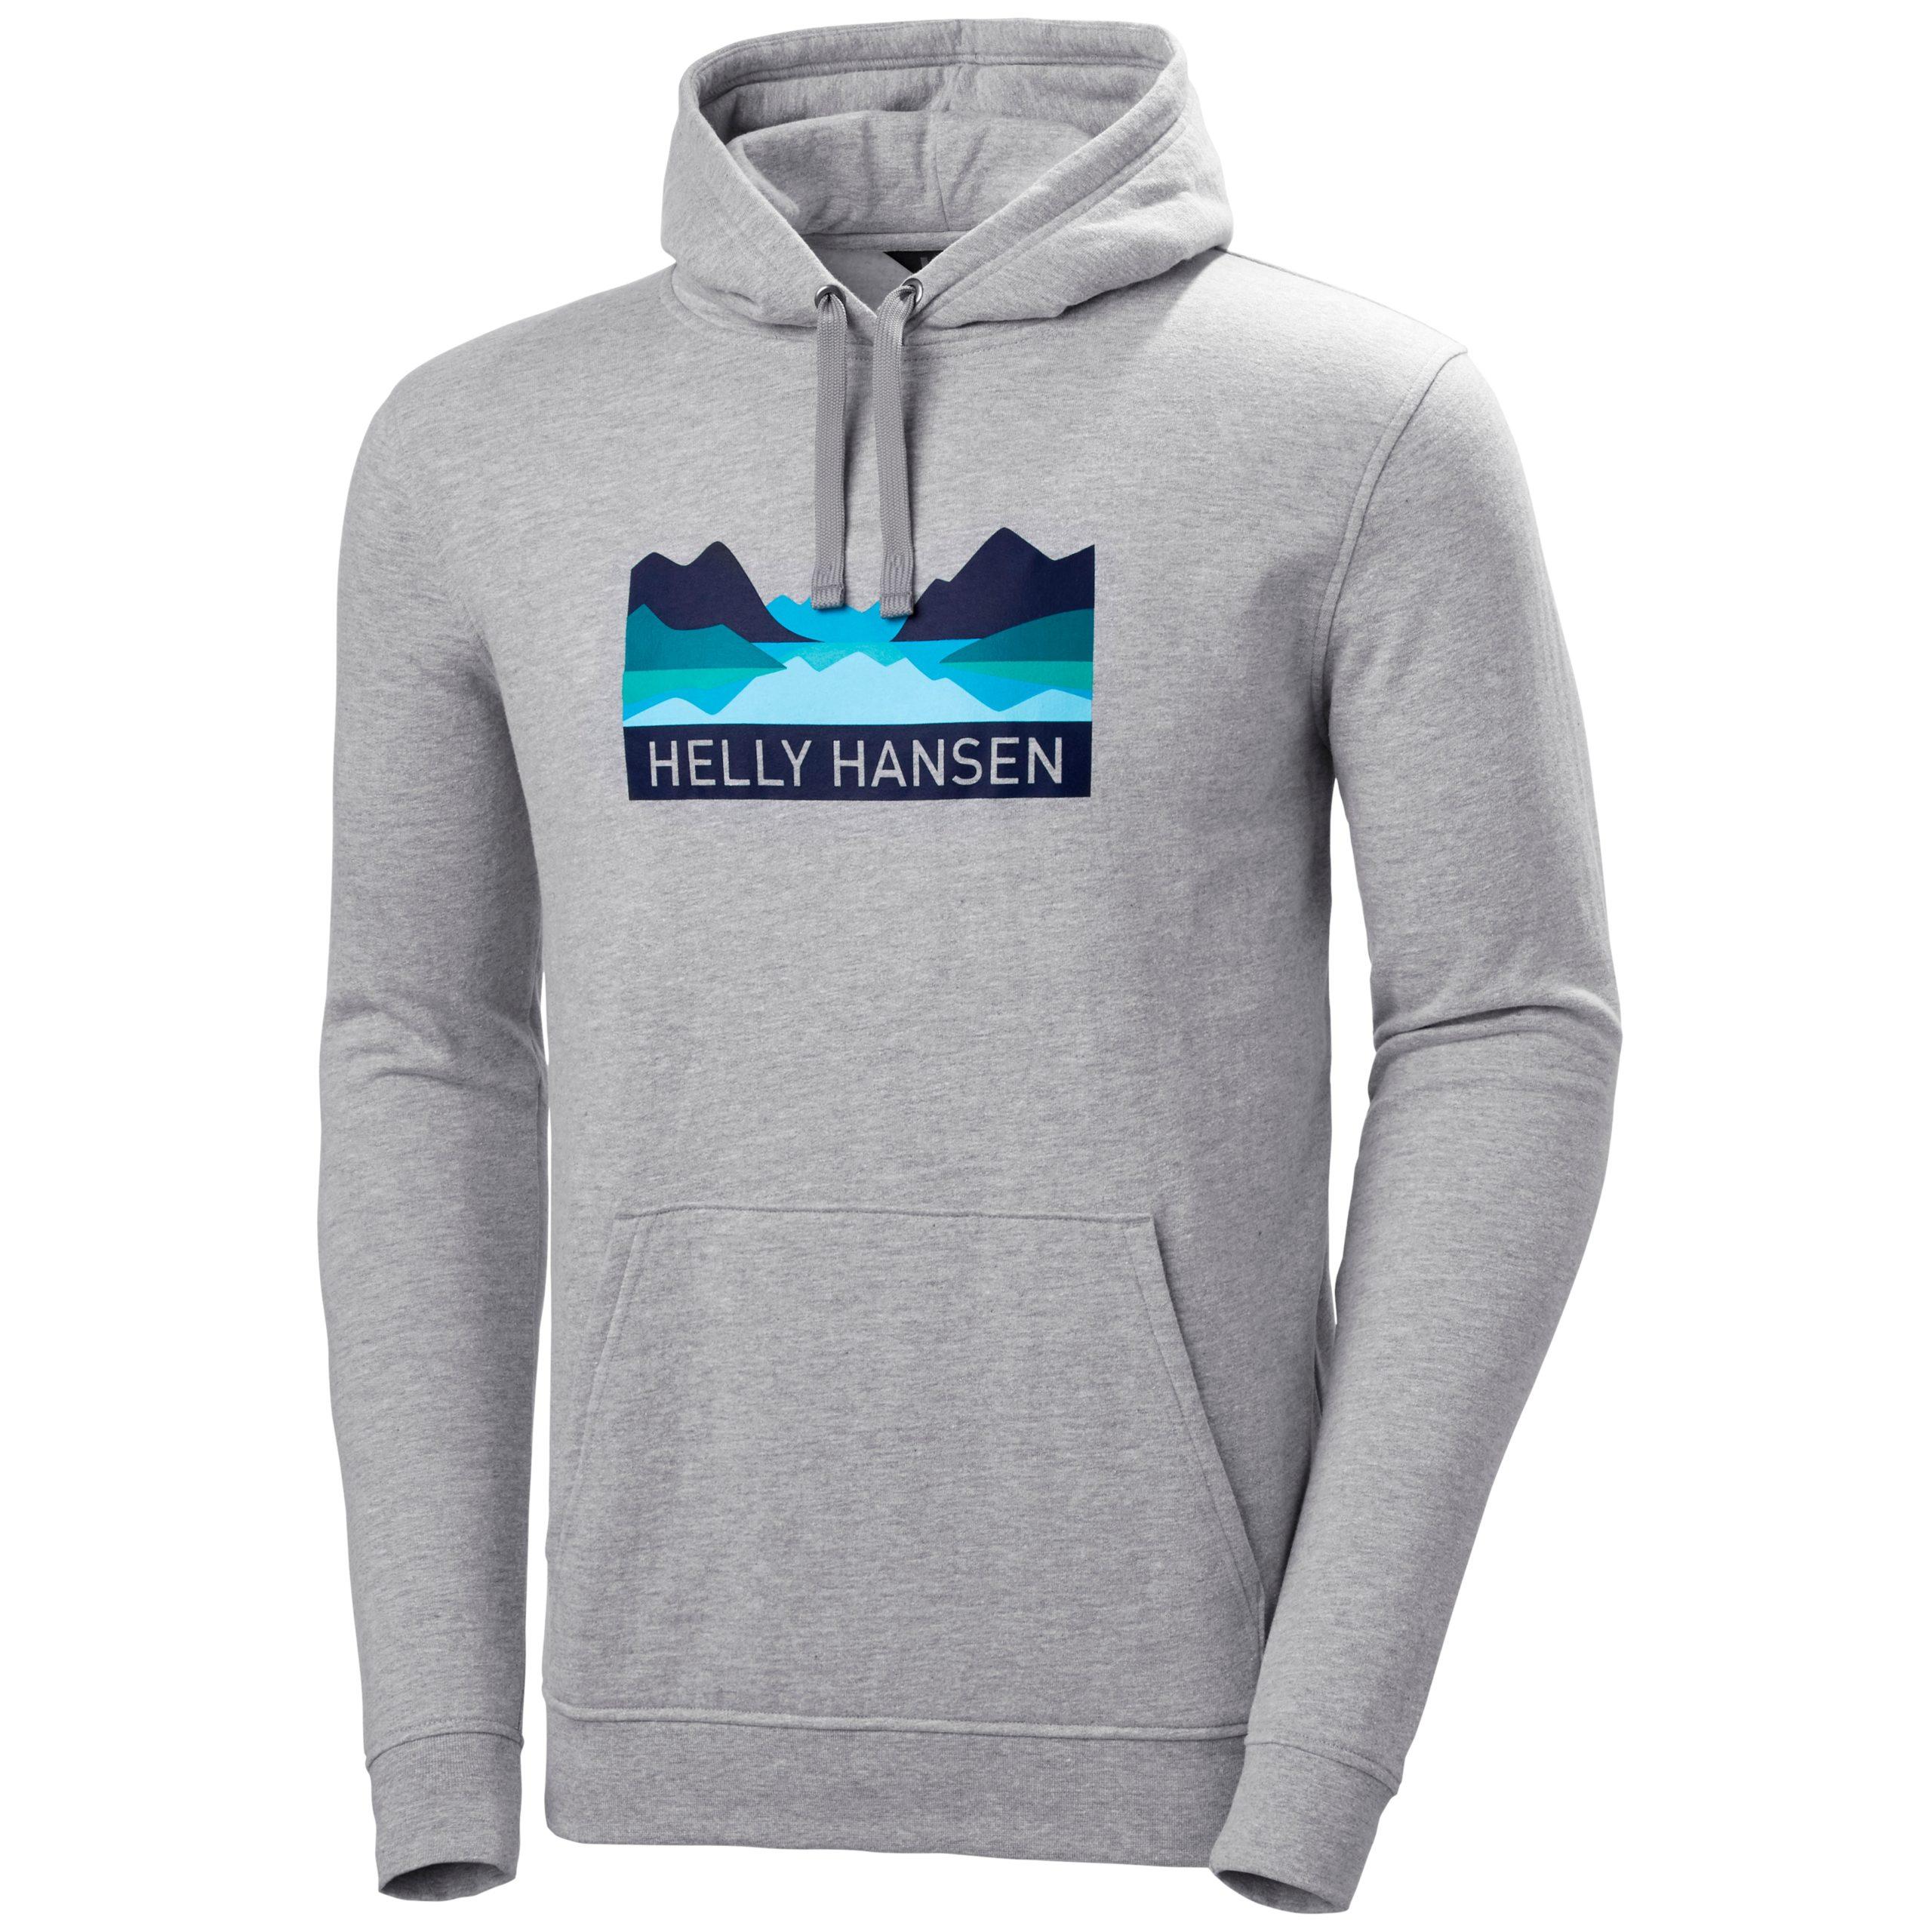 Details about  /Helly Hansen Mens 2020 Nord Graphic Longsleeve Lightweight Regular Fit T-Shirt